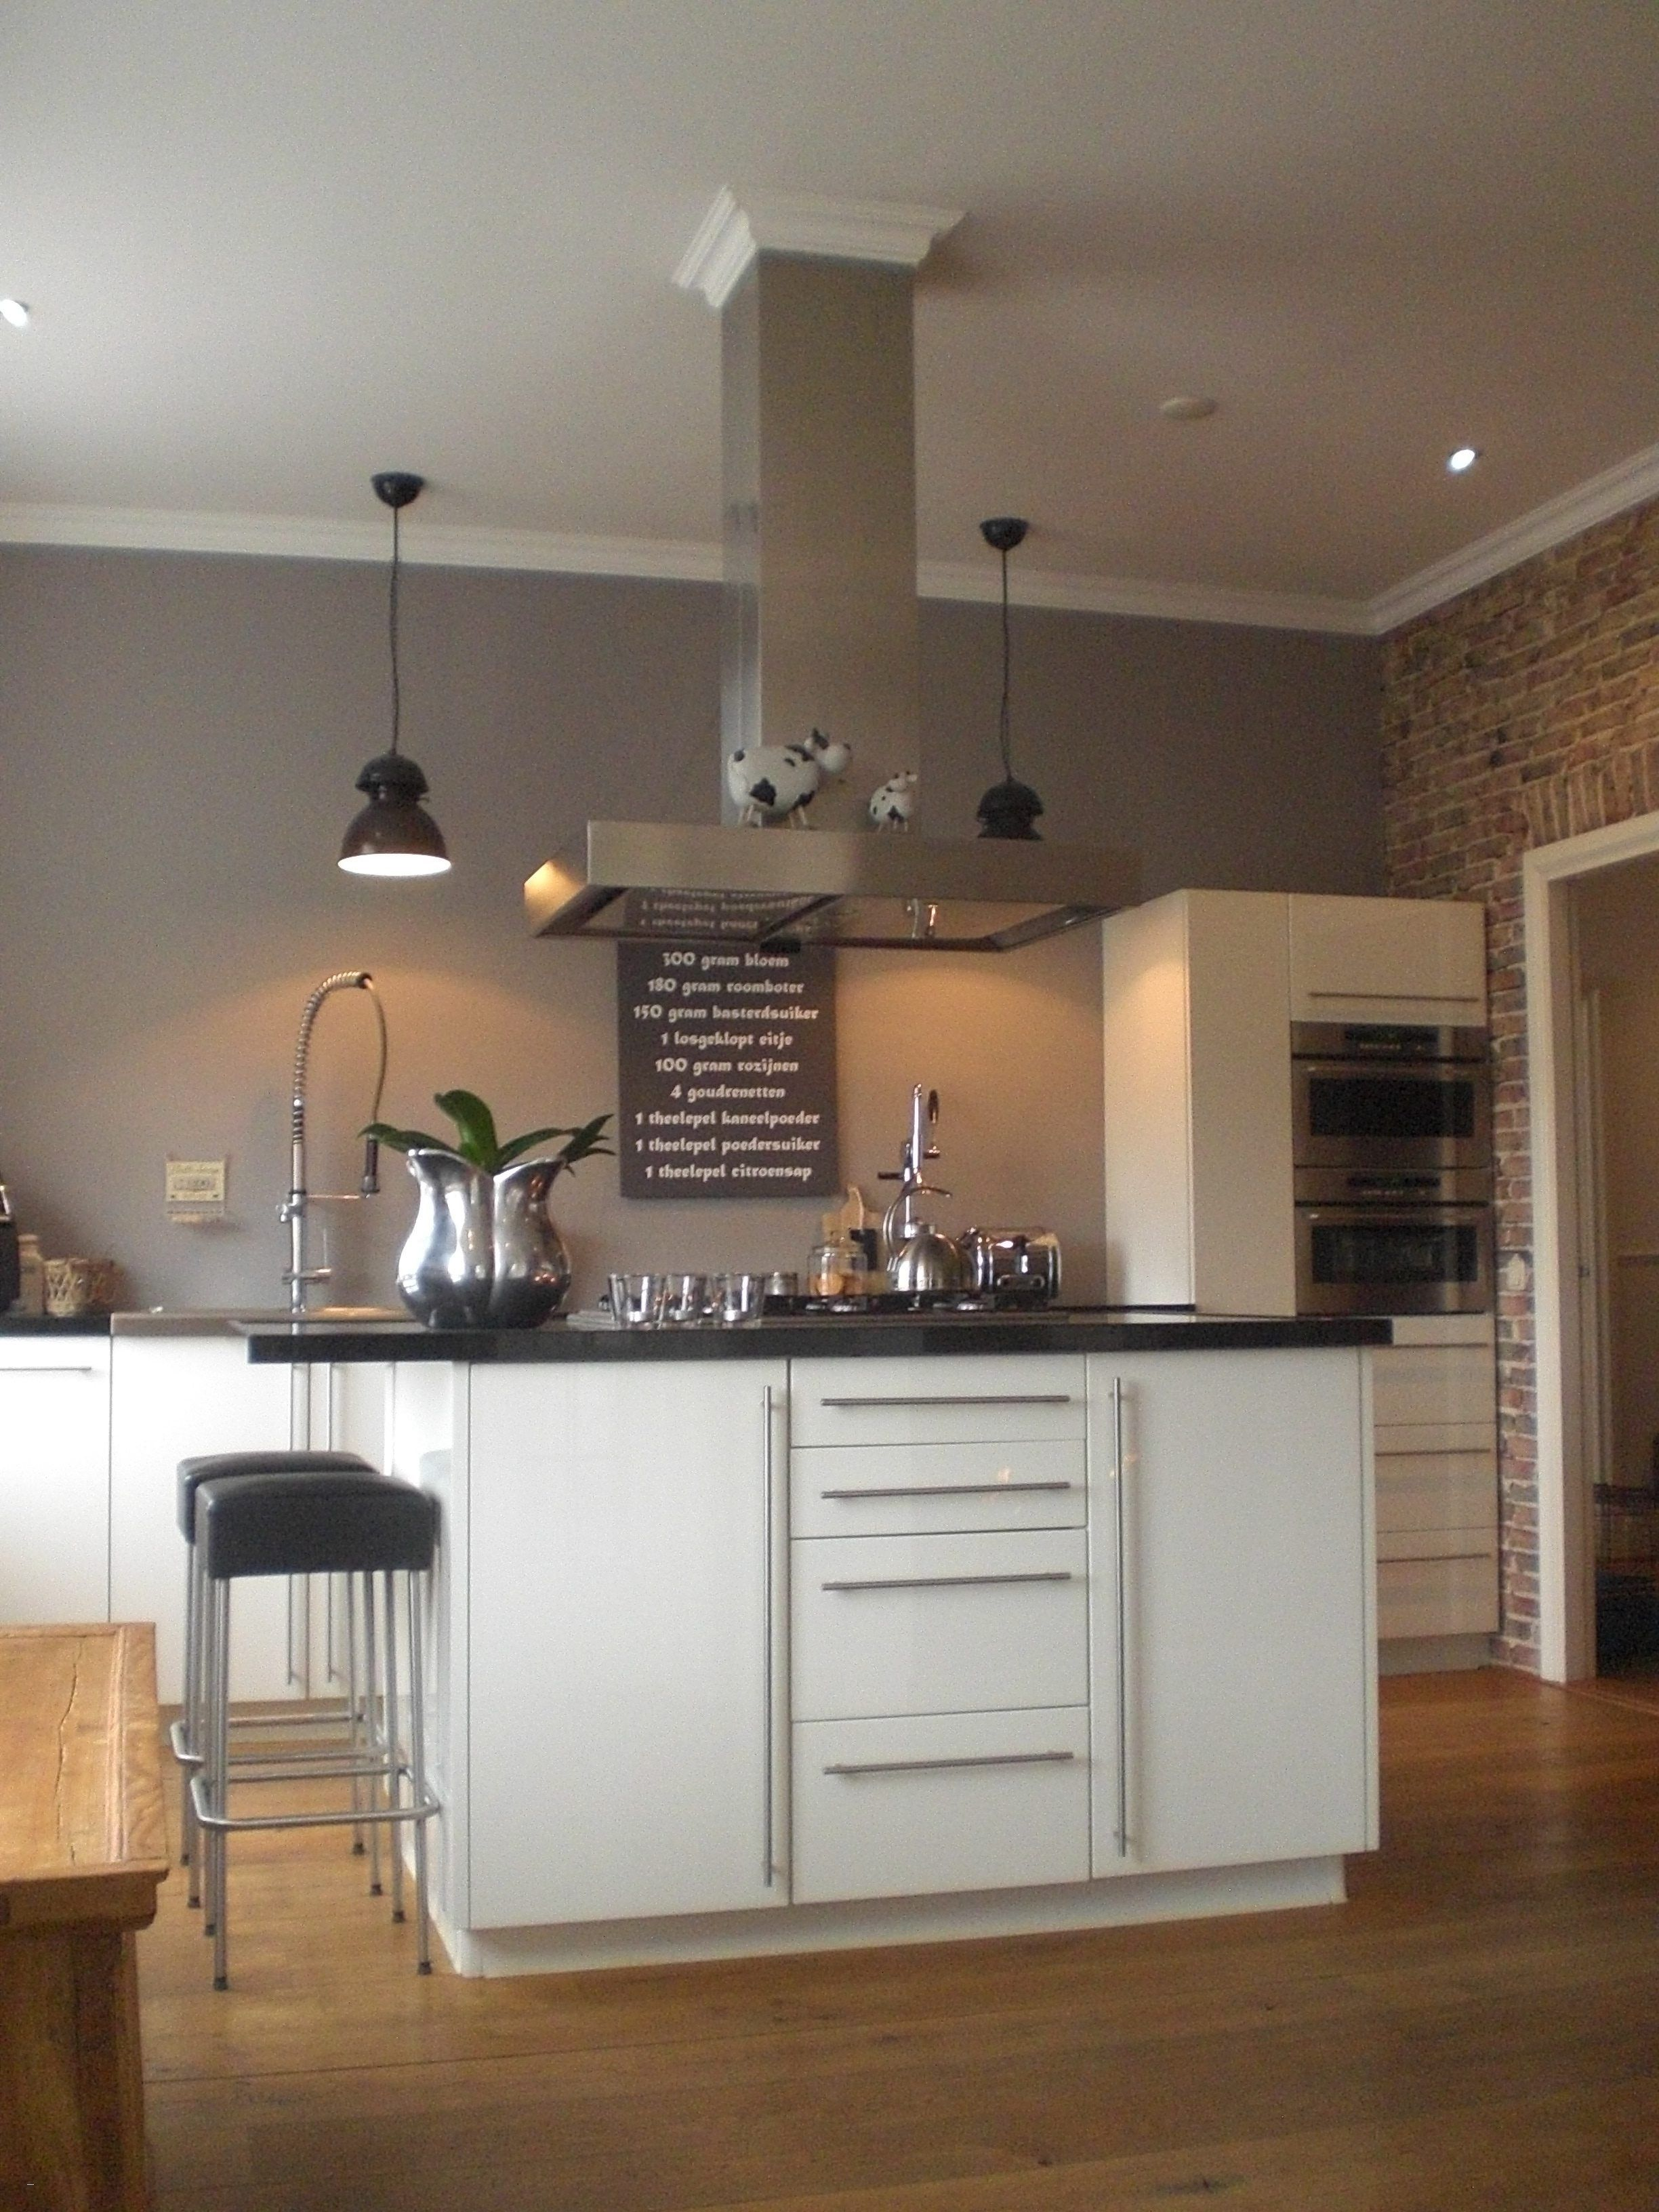 Fantastisch Graue Farbe Fur Kuchenwande Ideen Kuche Set Ideen Deriherusweets Info Wohnung Kuche Stilvolle Kuche Kuchen Design